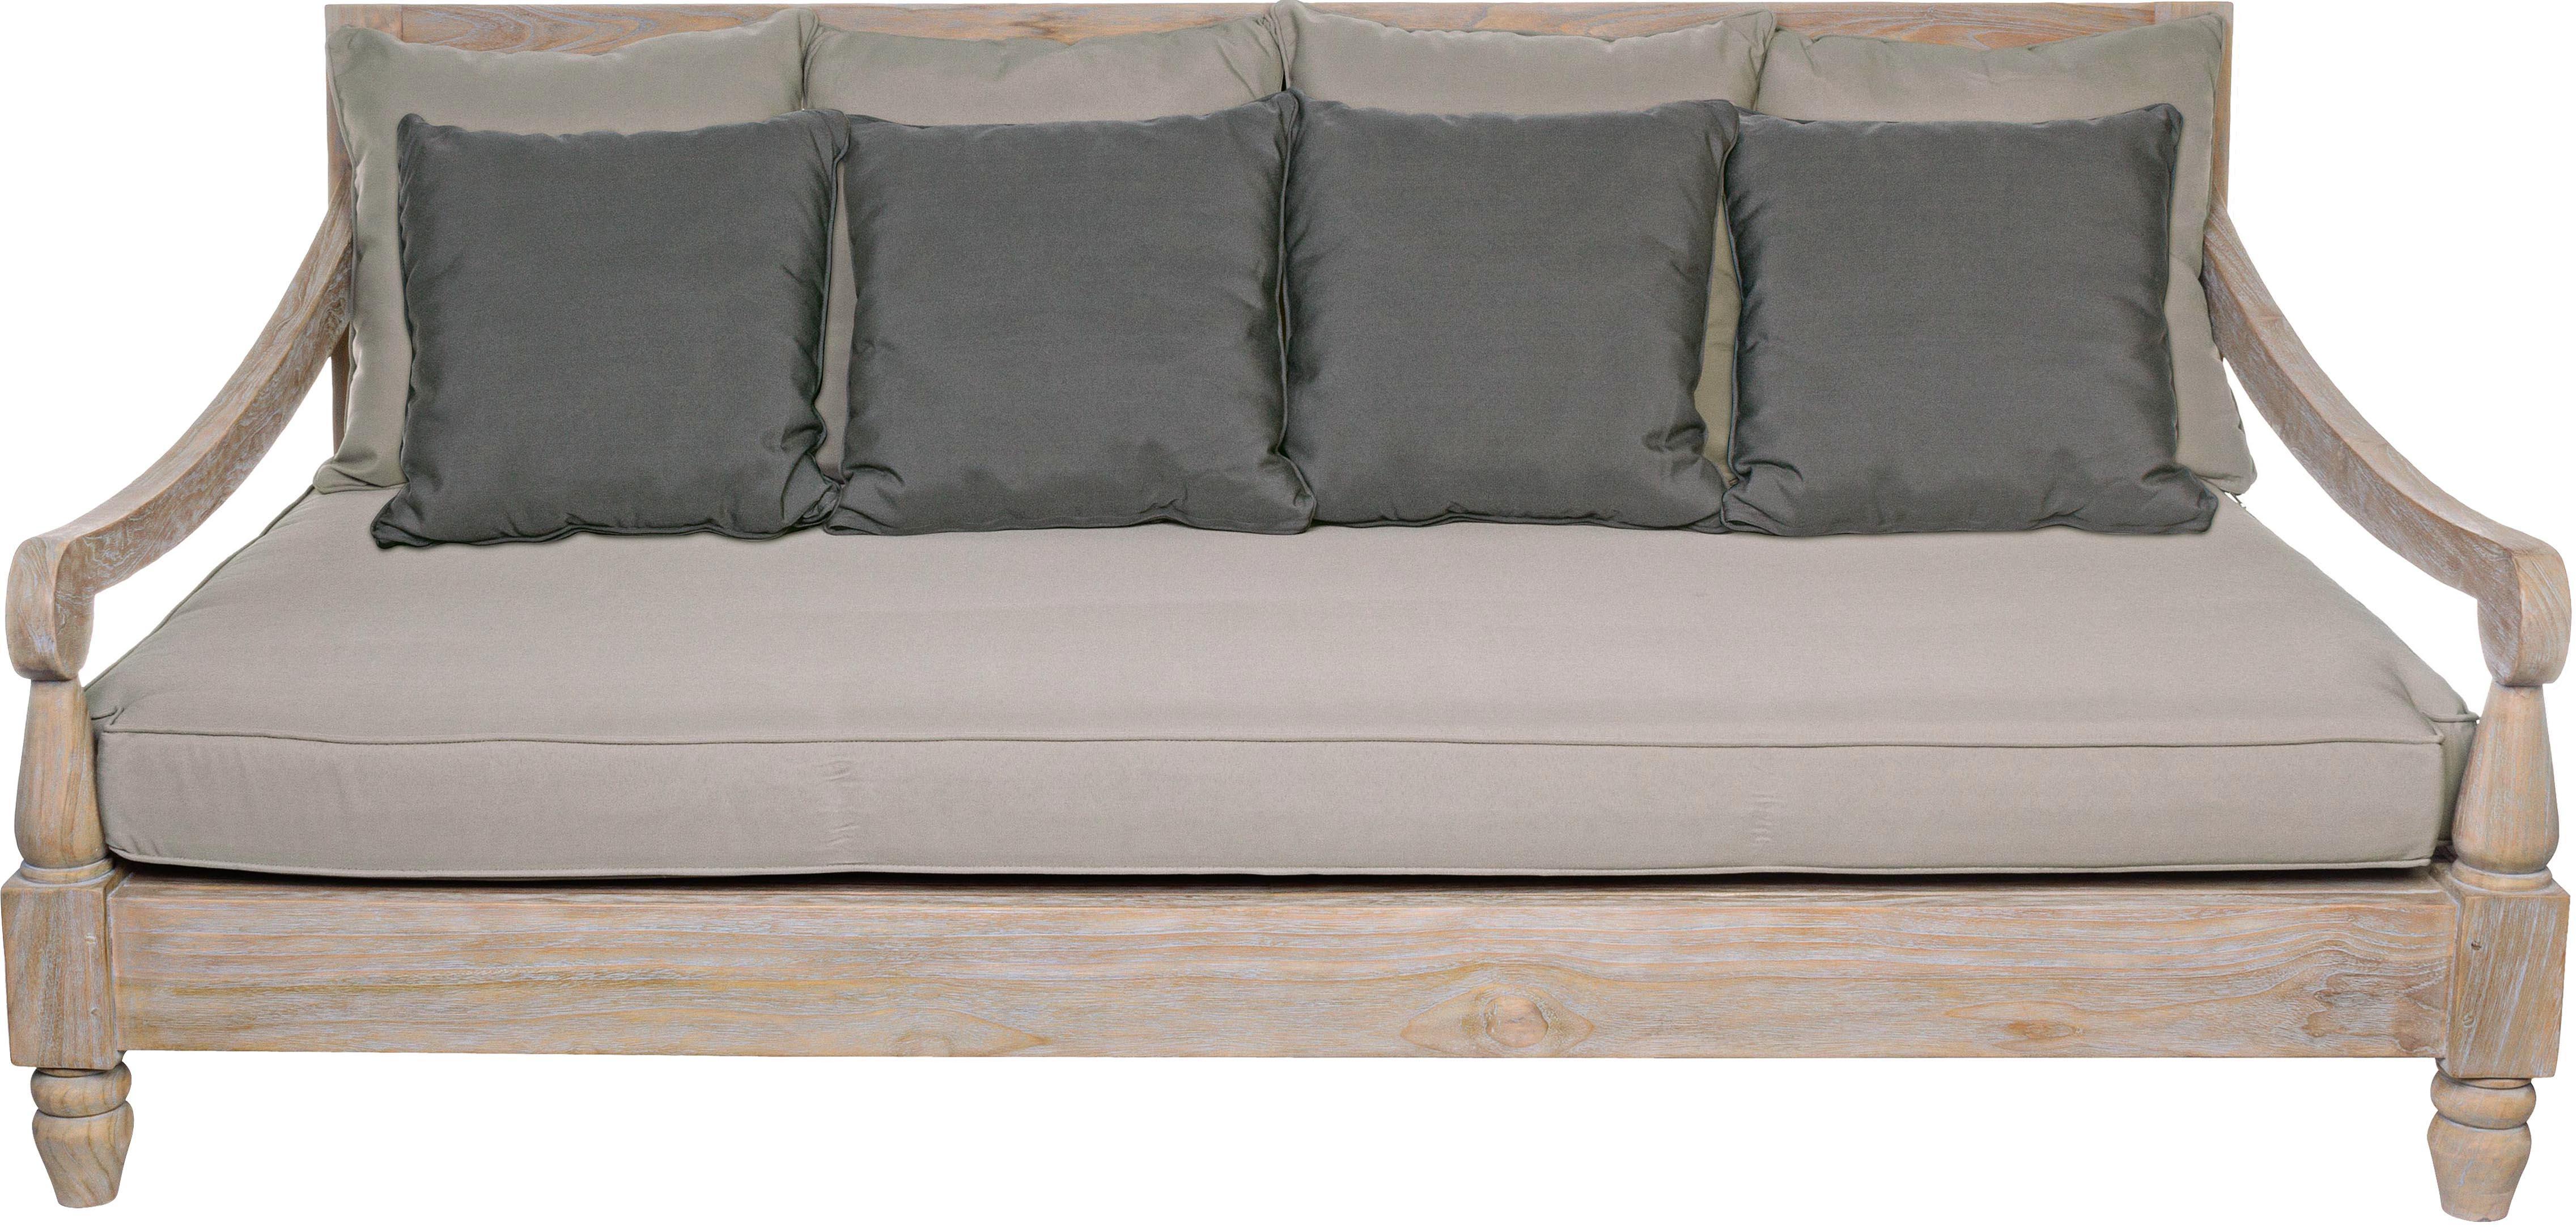 Sofa ogrodowa z drewna tekowego Bali (3-osobowa), Rama: drewno tekowe Pokrycie: szary, S 190 x G 112 cm